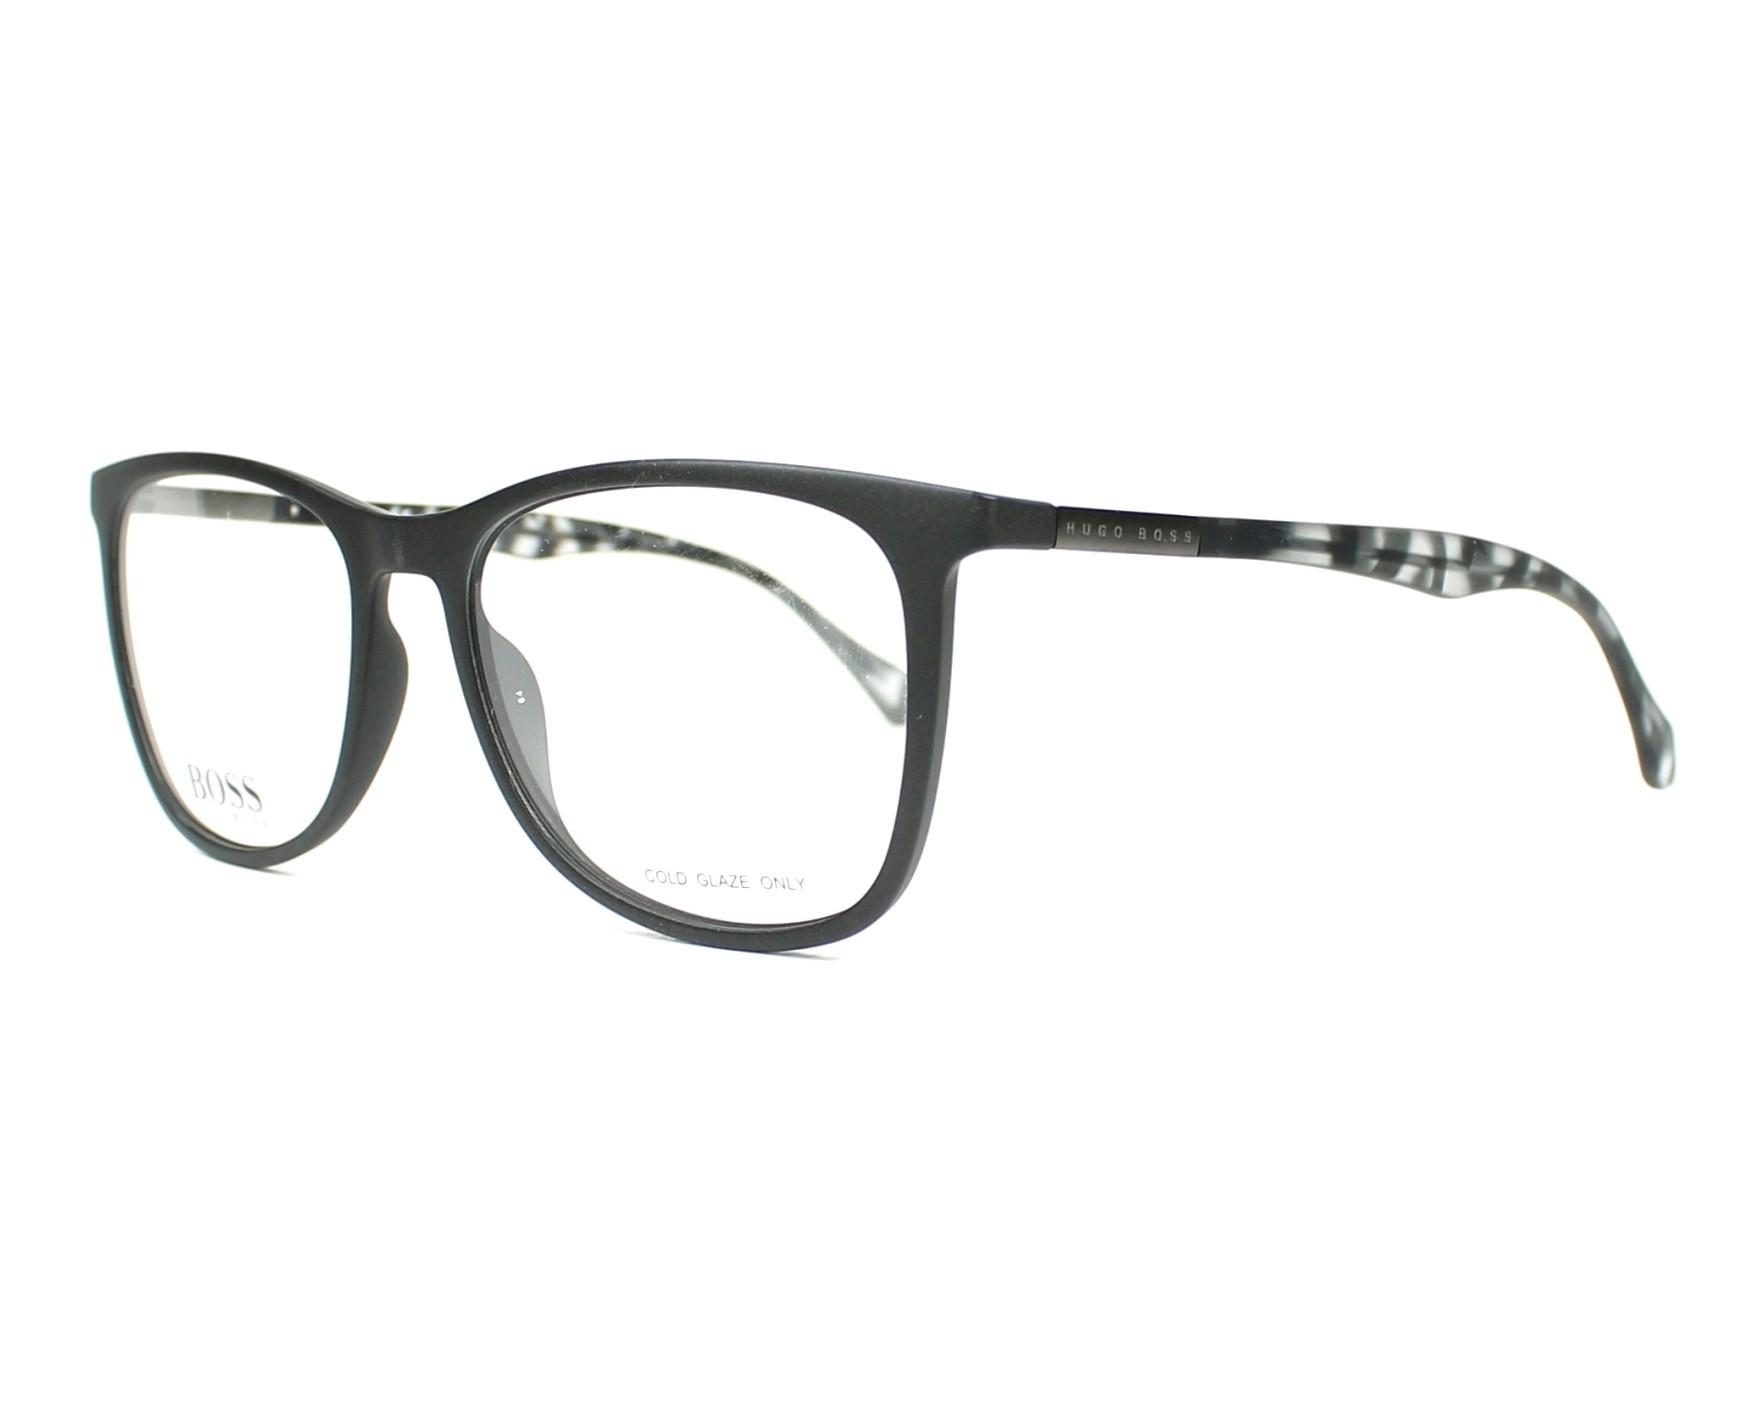 Kaufen Sie Ihre Hugo Boss Brille BOSS-0825 YV4 Online - Visionet